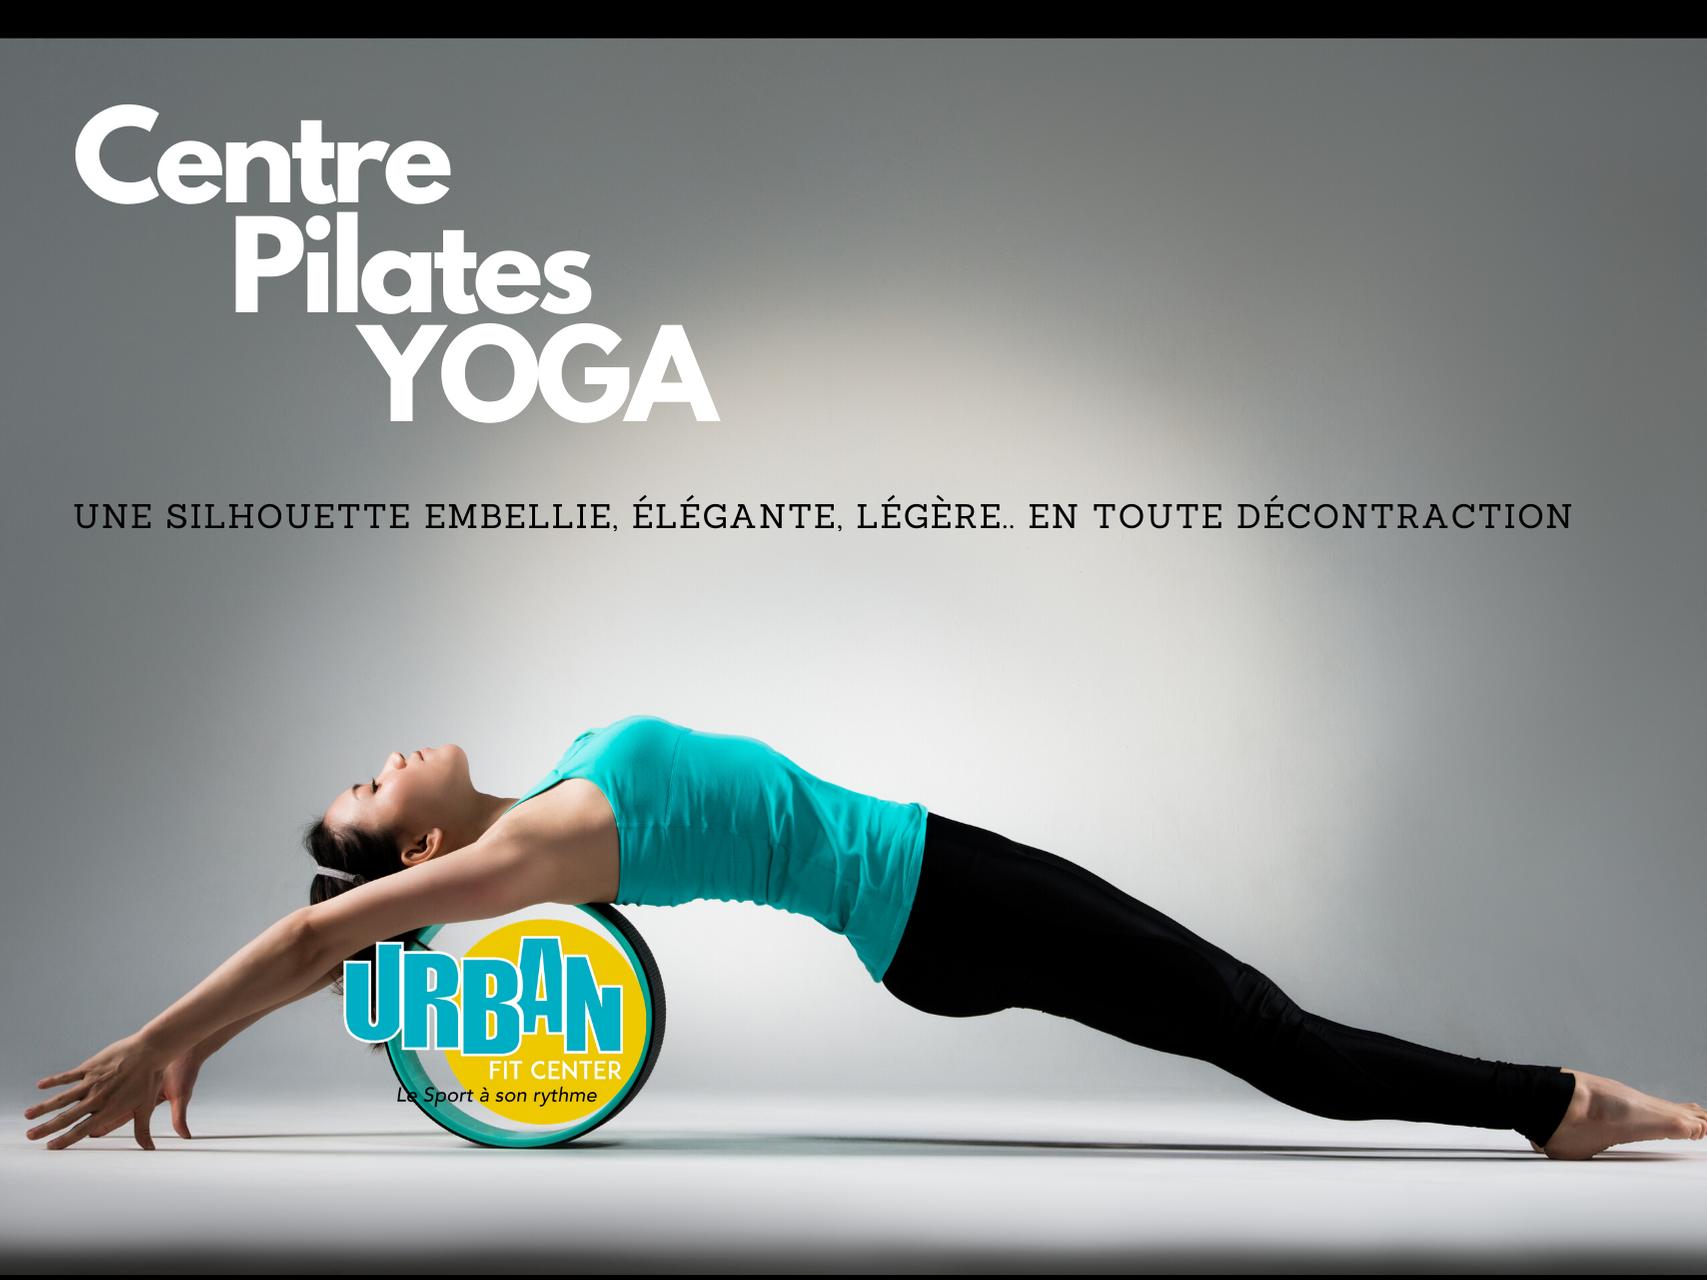 Studios De Yoga Et Pilates A Cornebarrieu Le Guide N 1 Tarifs